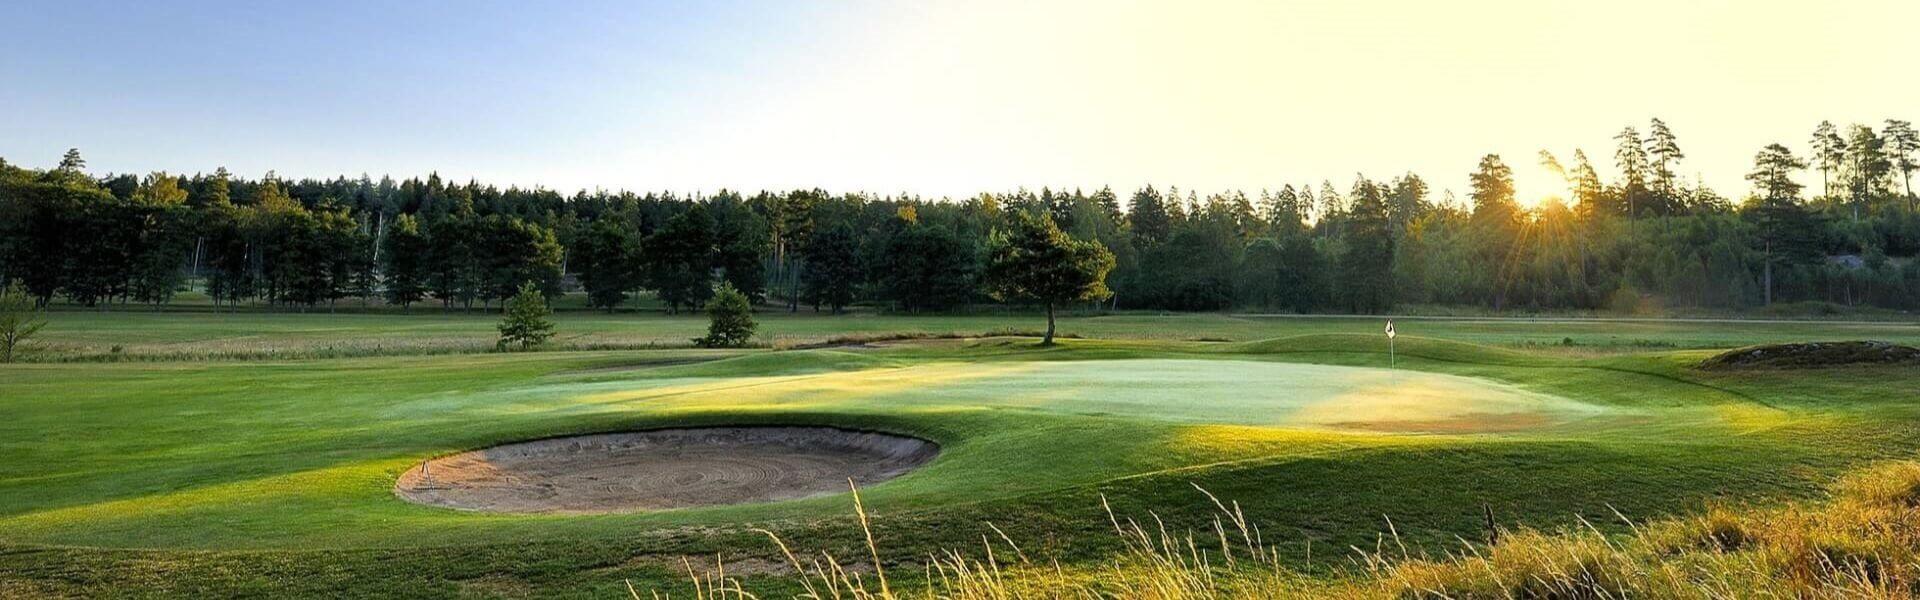 Golfpaket-se - Hotell och Golfklubbar med golfpaket i Sverige